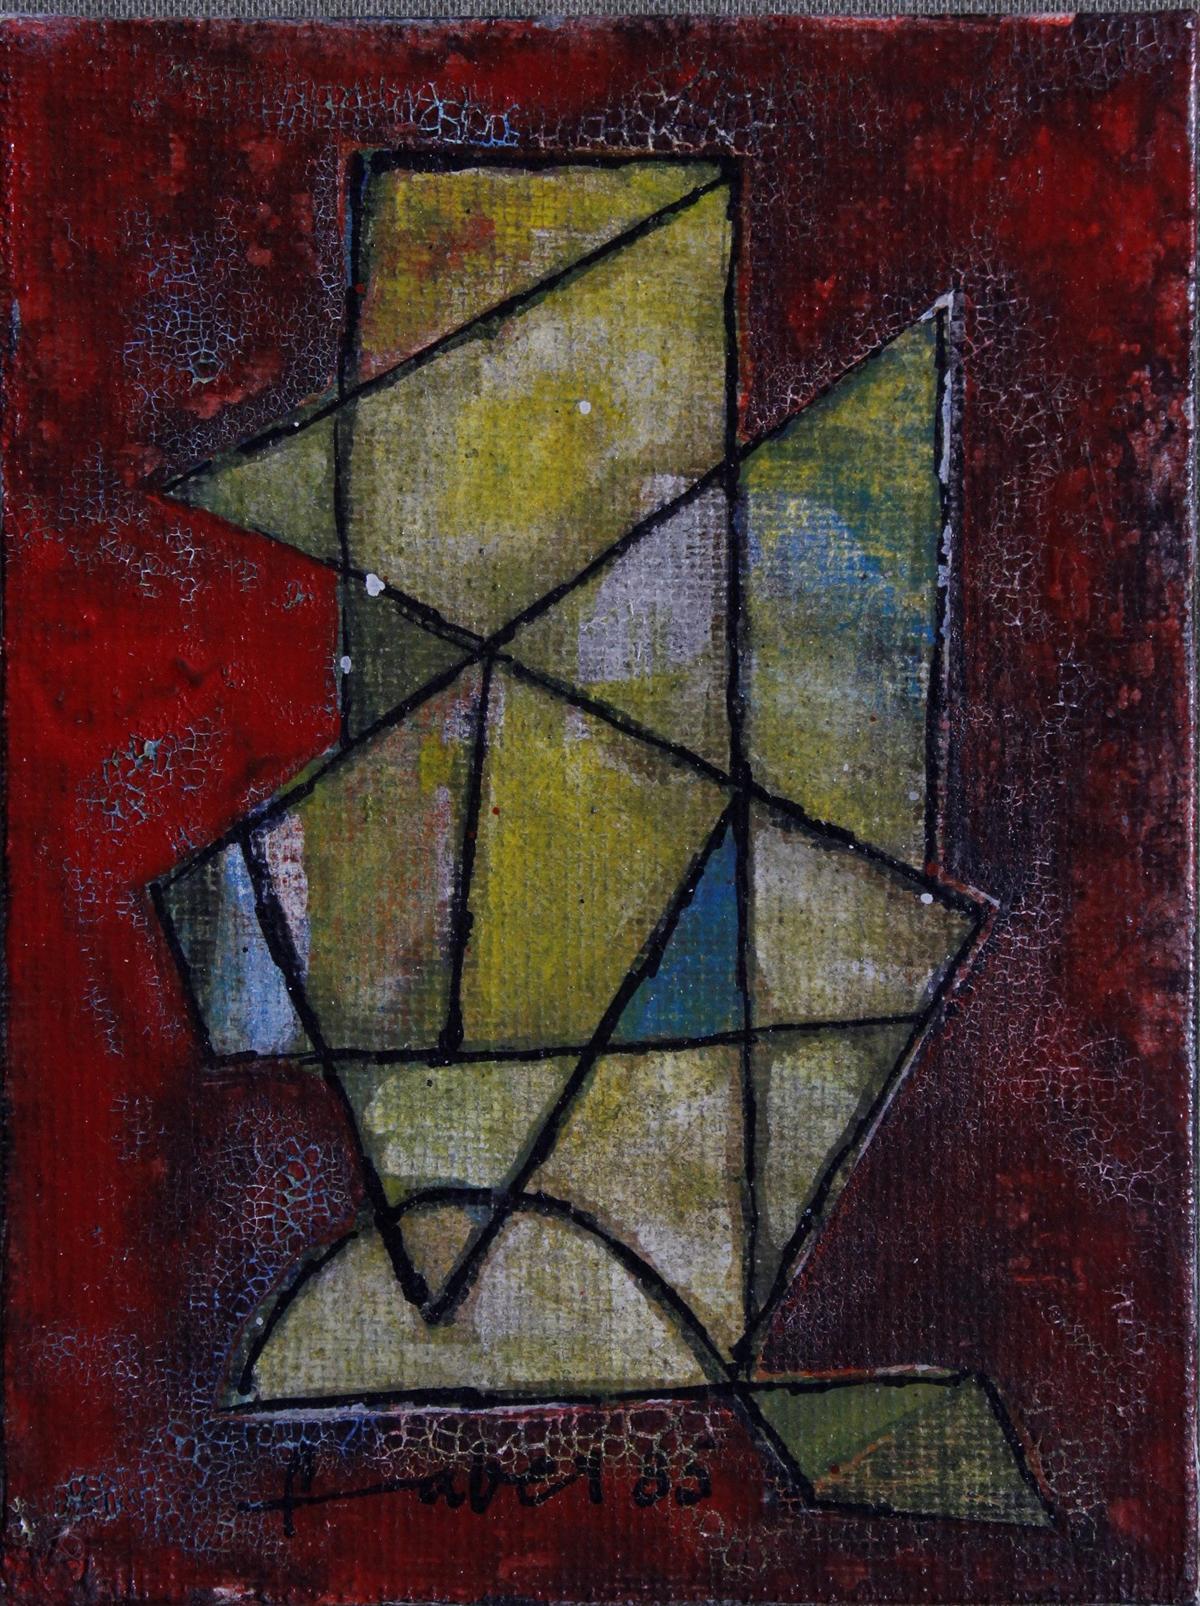 Will Farber-Zietz (1901-1987). Komposition in rot, gelb, grün, blau-2